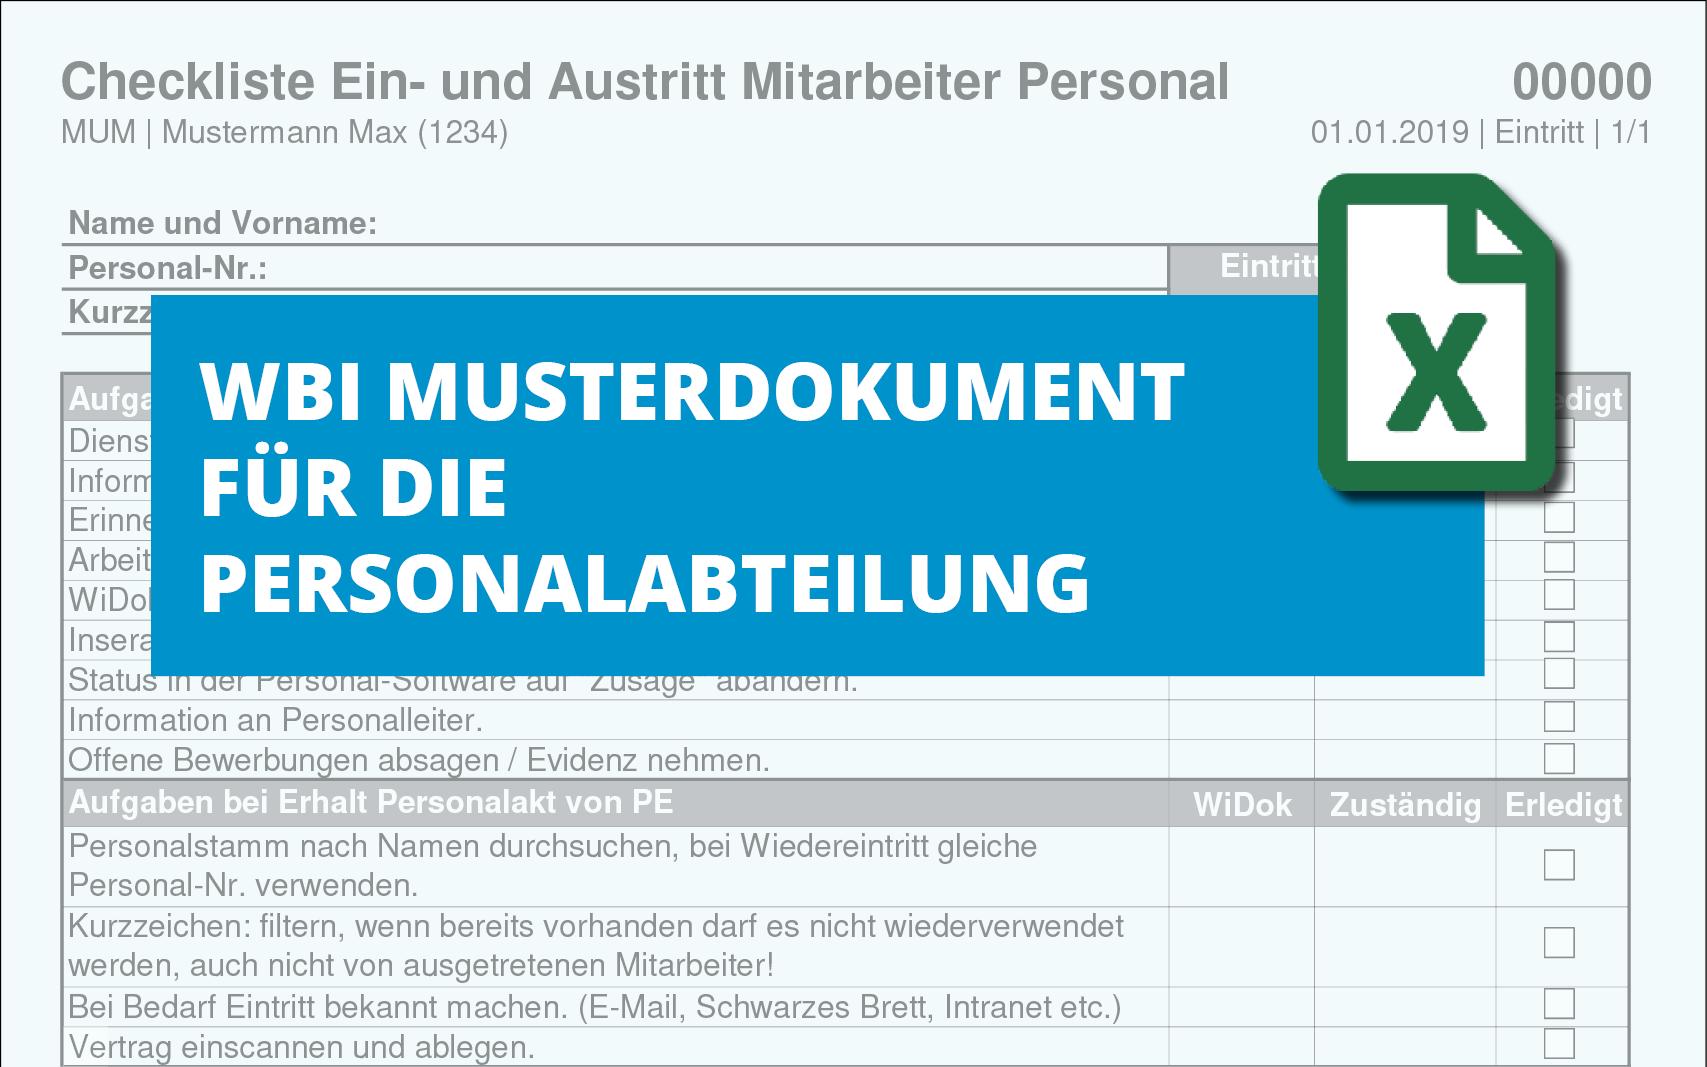 checkliste-ein-und-austritt-mitarbeiter-personal